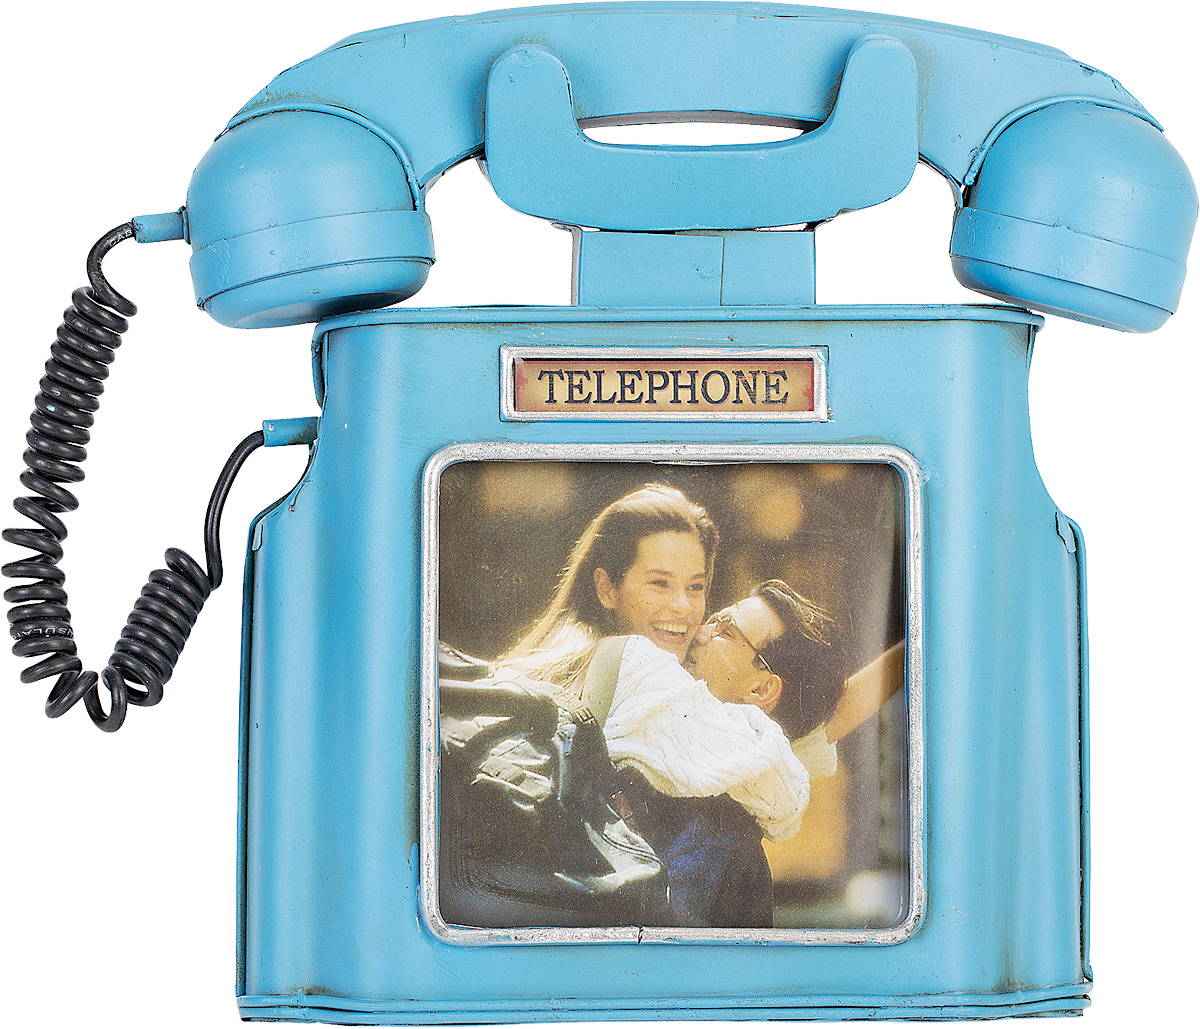 Фоторамка Platinum Телефон, 10 х 10 см46282 LM-4R100Фоторамка Platinum Телефон выполнена в классическом стиле из высококачественного металла. Такая фоторамка поможет вам оригинально и стильно дополнить интерьер помещения, а также позволит сохранить память о дорогих вам людях и интересных событиях вашей жизни.